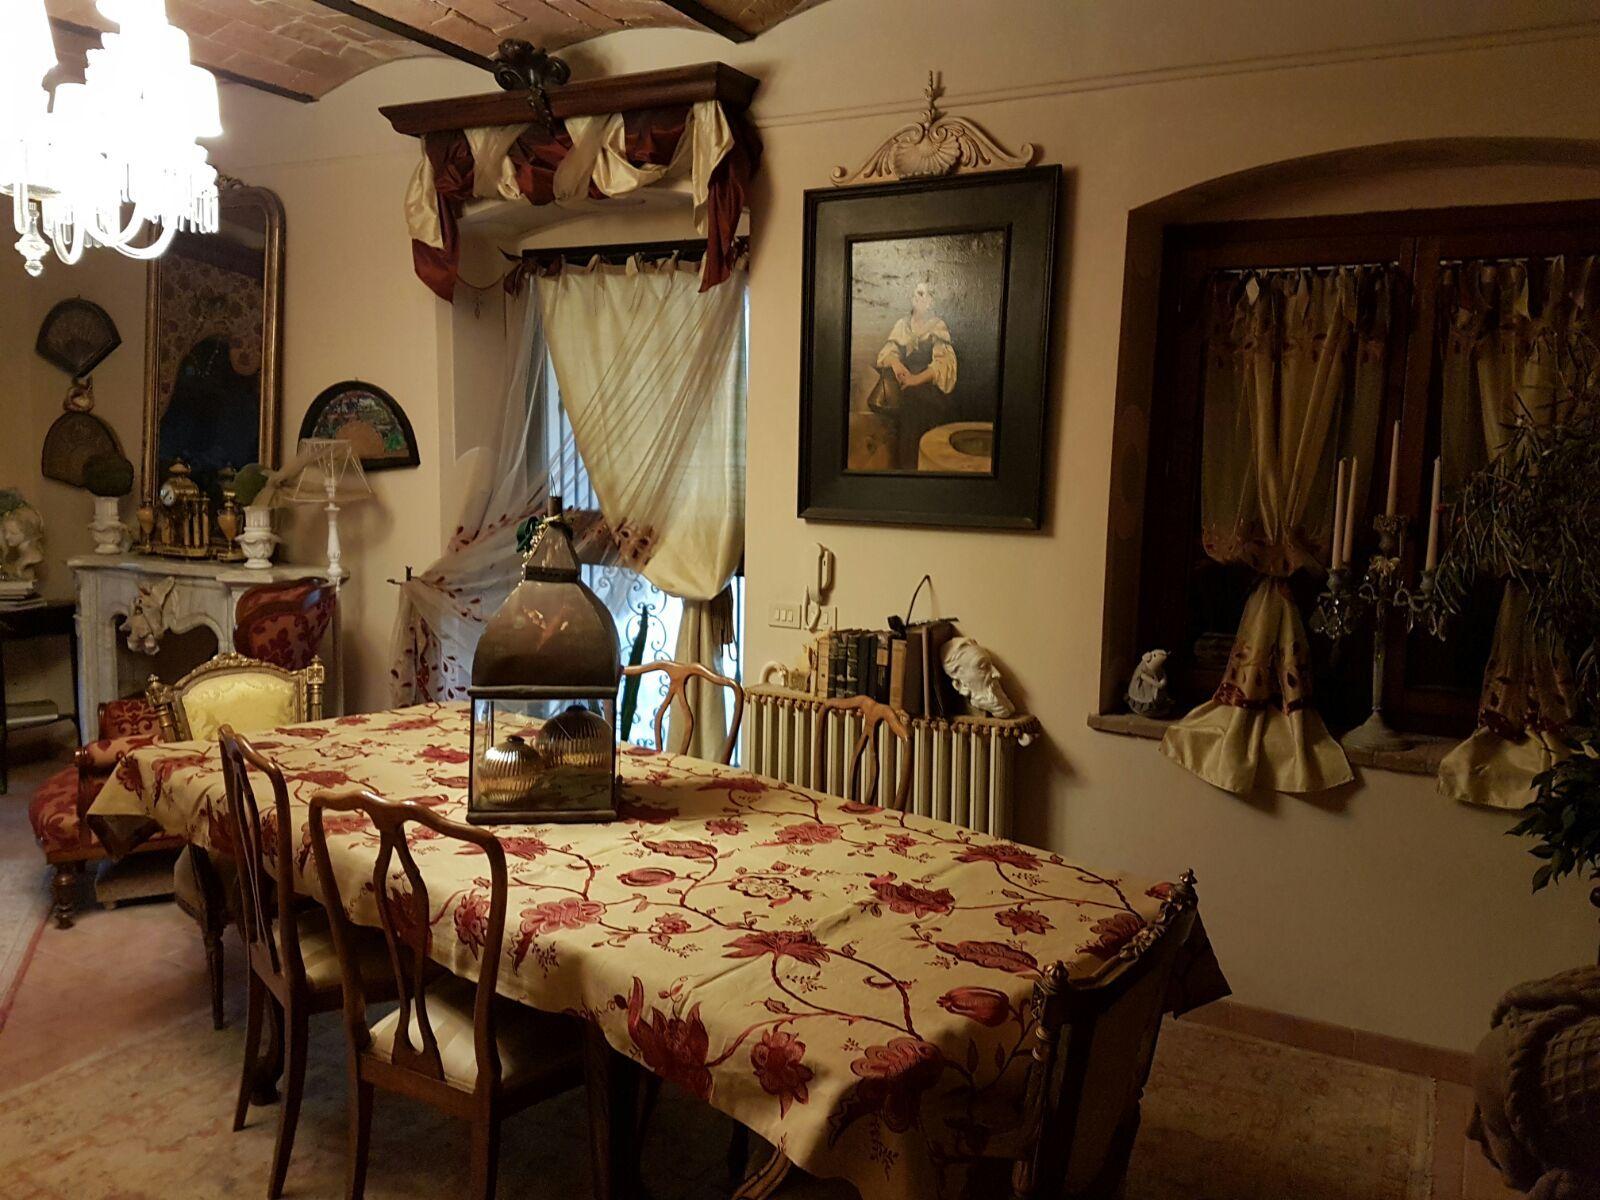 Ambiente arredato con mobili antichi e rifinito con tende for Applicazioni per arredare interni